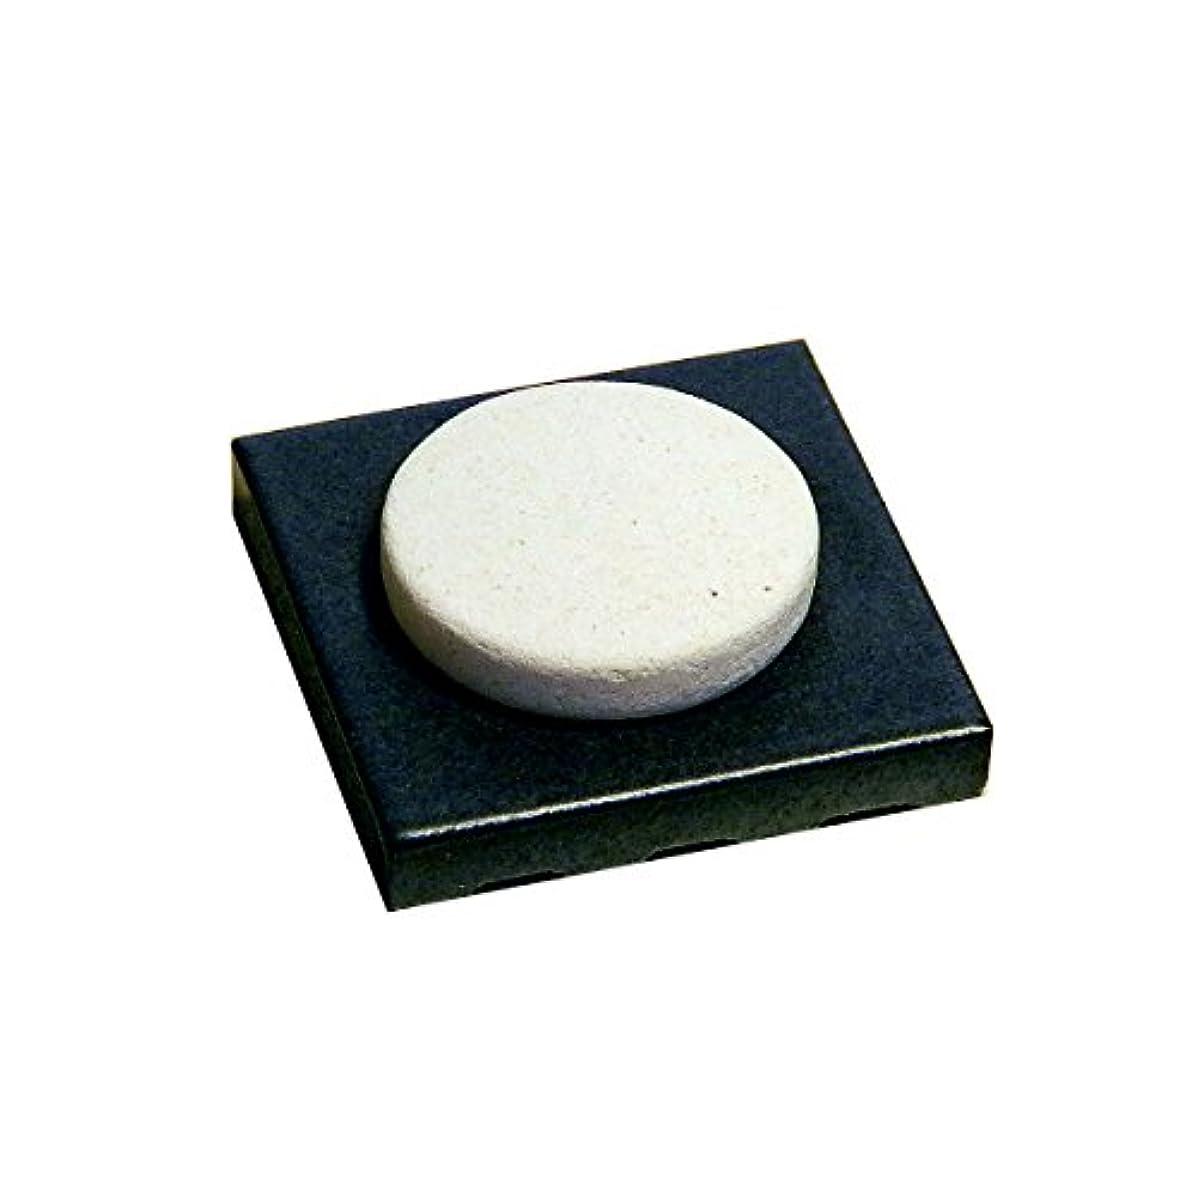 持っている包括的バレーボール〔立風屋〕珪藻土アロマプレート美濃焼タイルセット ブラック(黒) RPAP-01003-BK